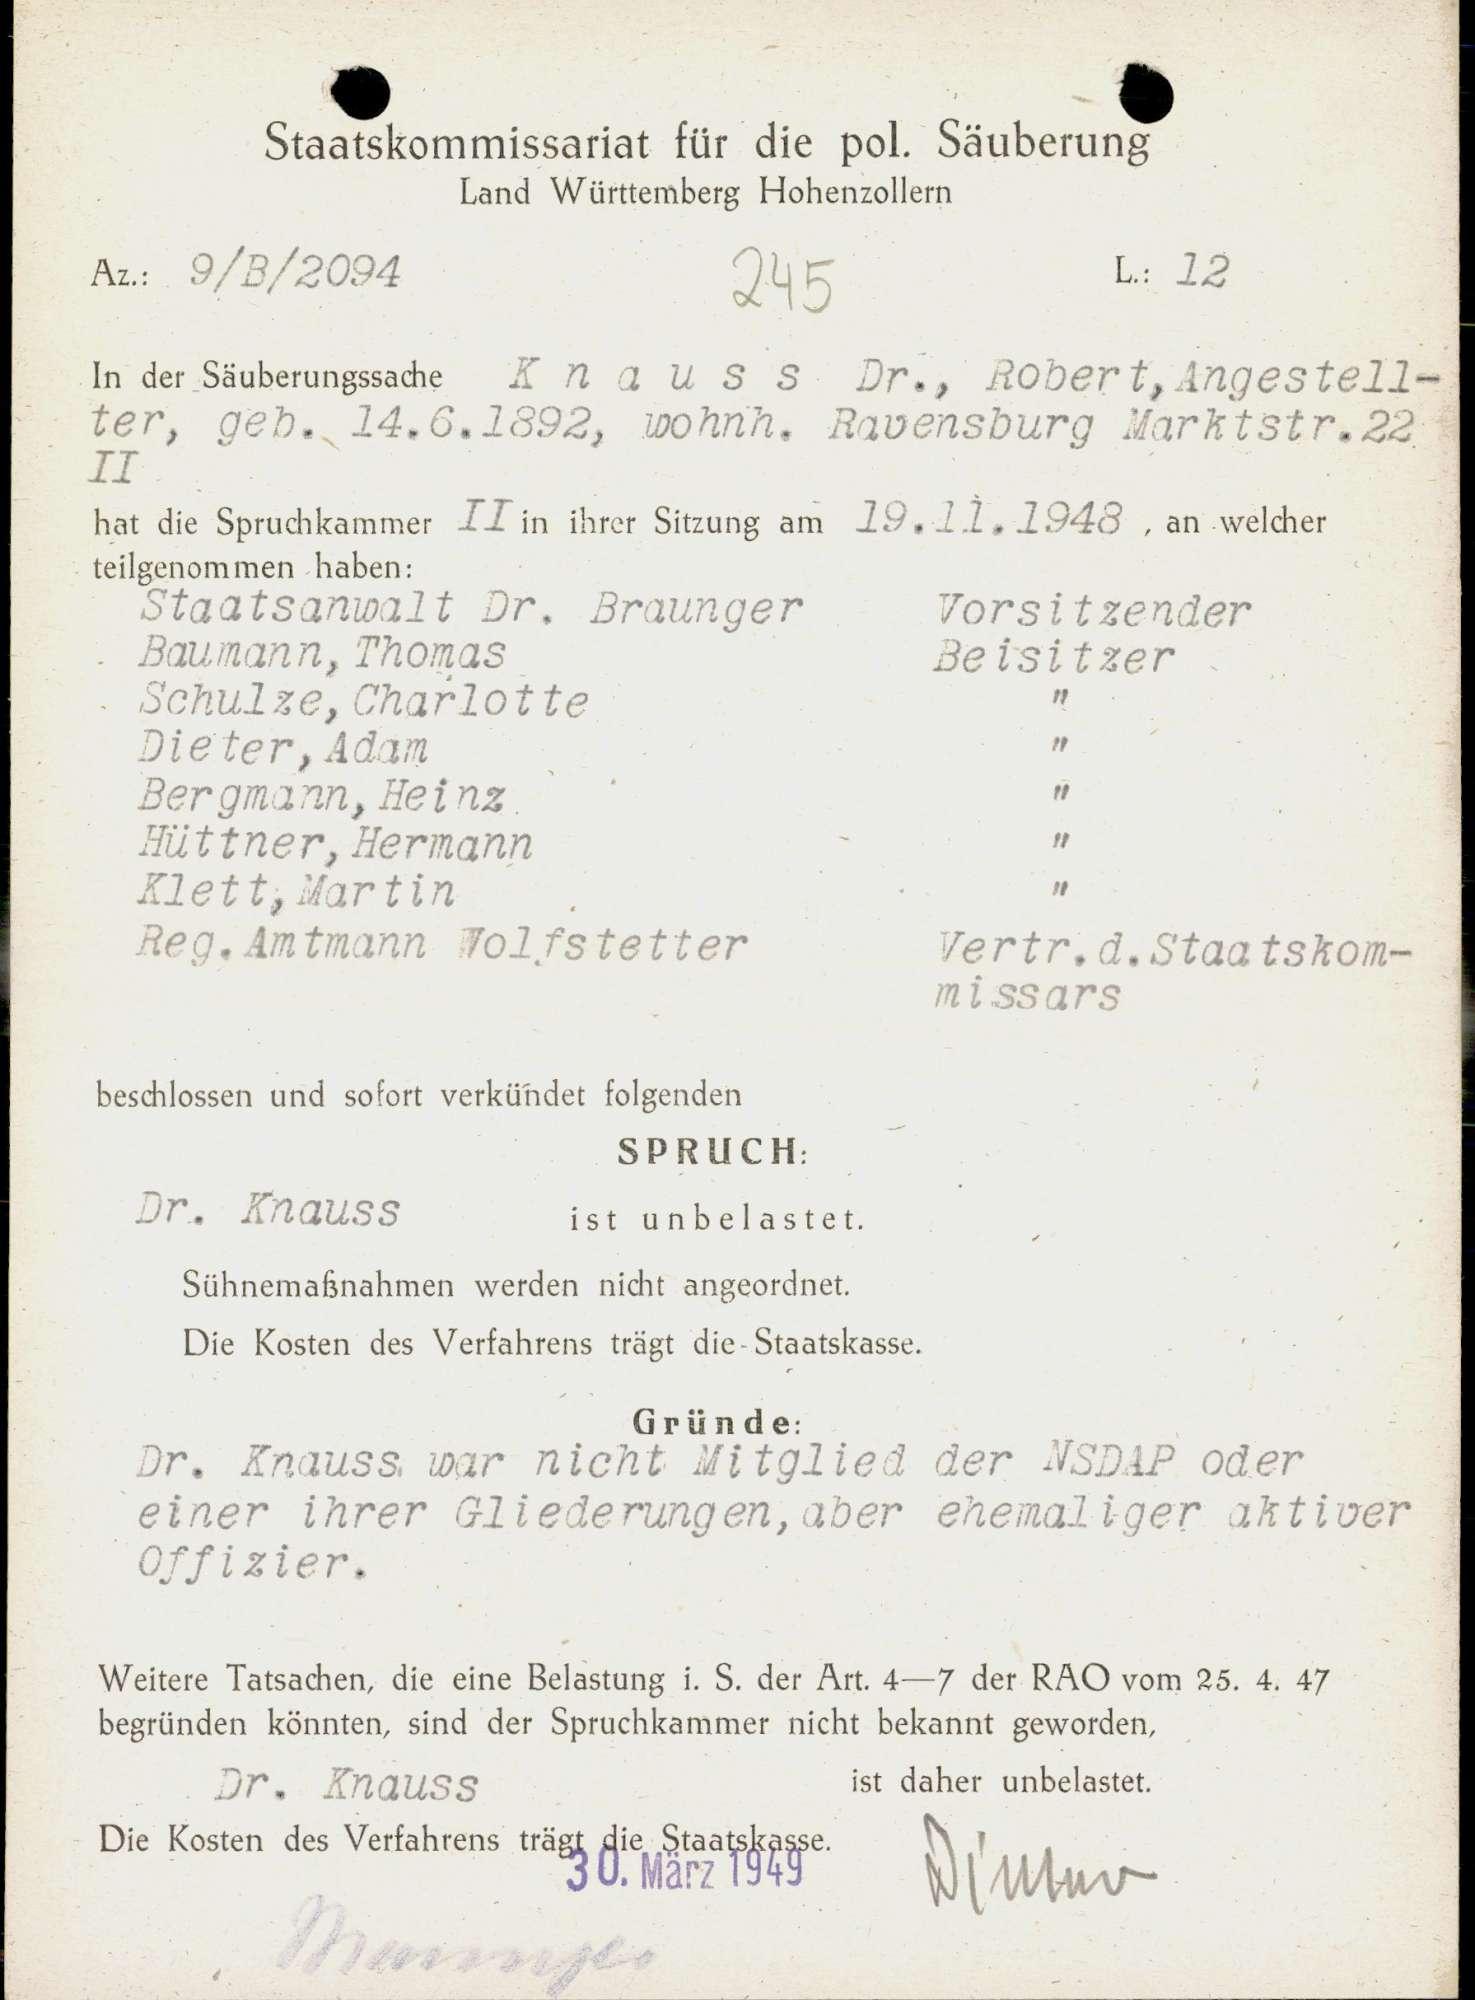 Knauss, Robert, Dr., Bild 1